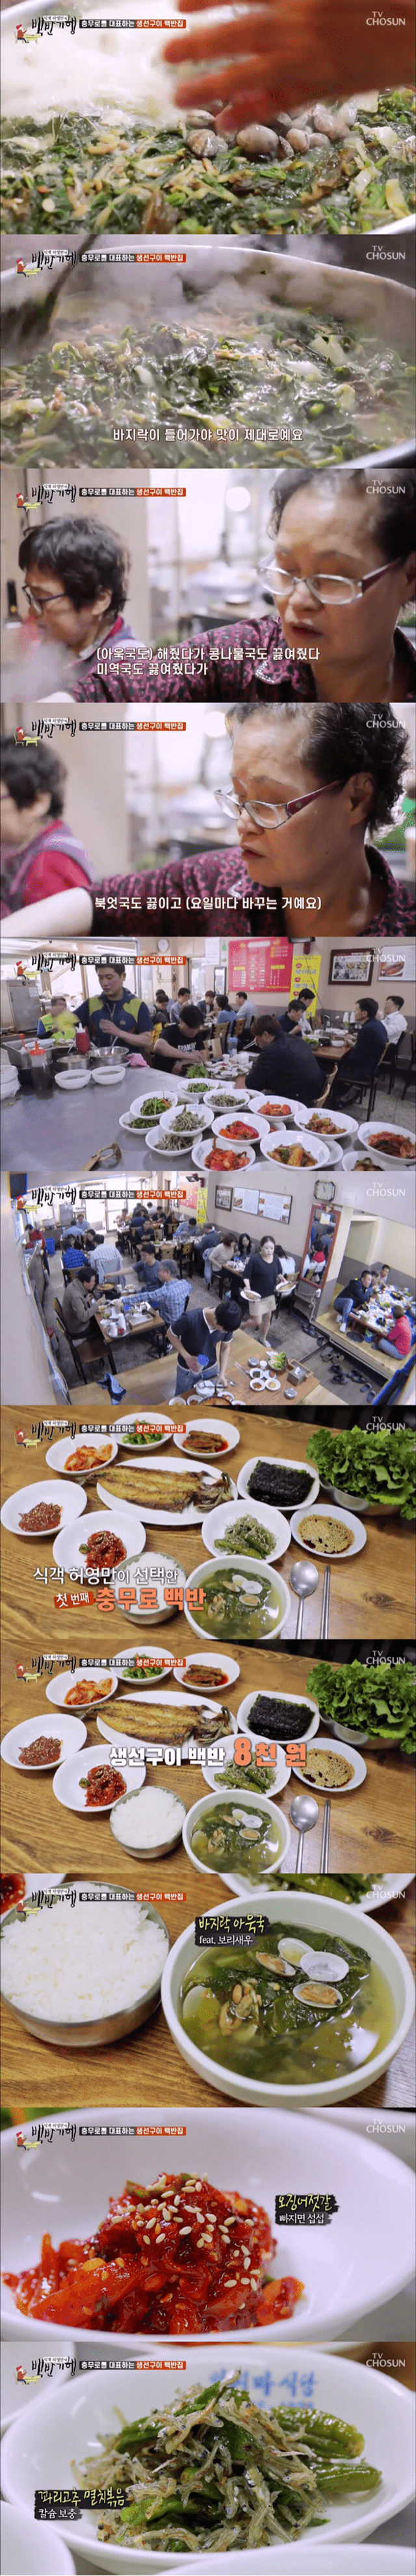 564BAD28-F15D-429B-AB5B-B12055E082A1.png 서울 충무로 8천원짜리 생선구이 백반.jpg